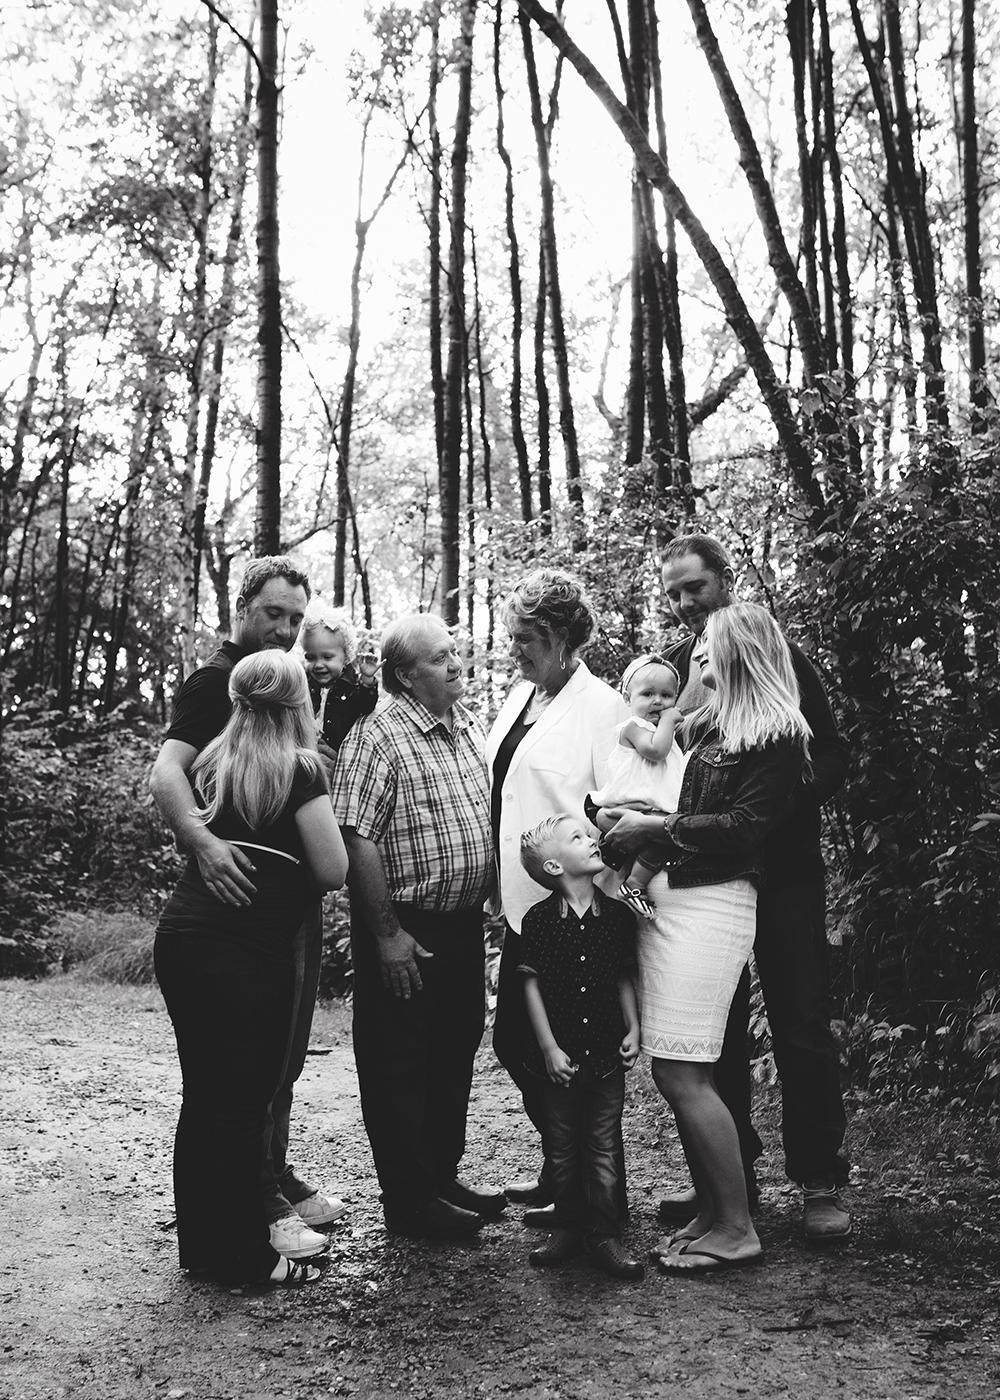 Edmonton Extended Family Photographer_Miller Family 7.jpg